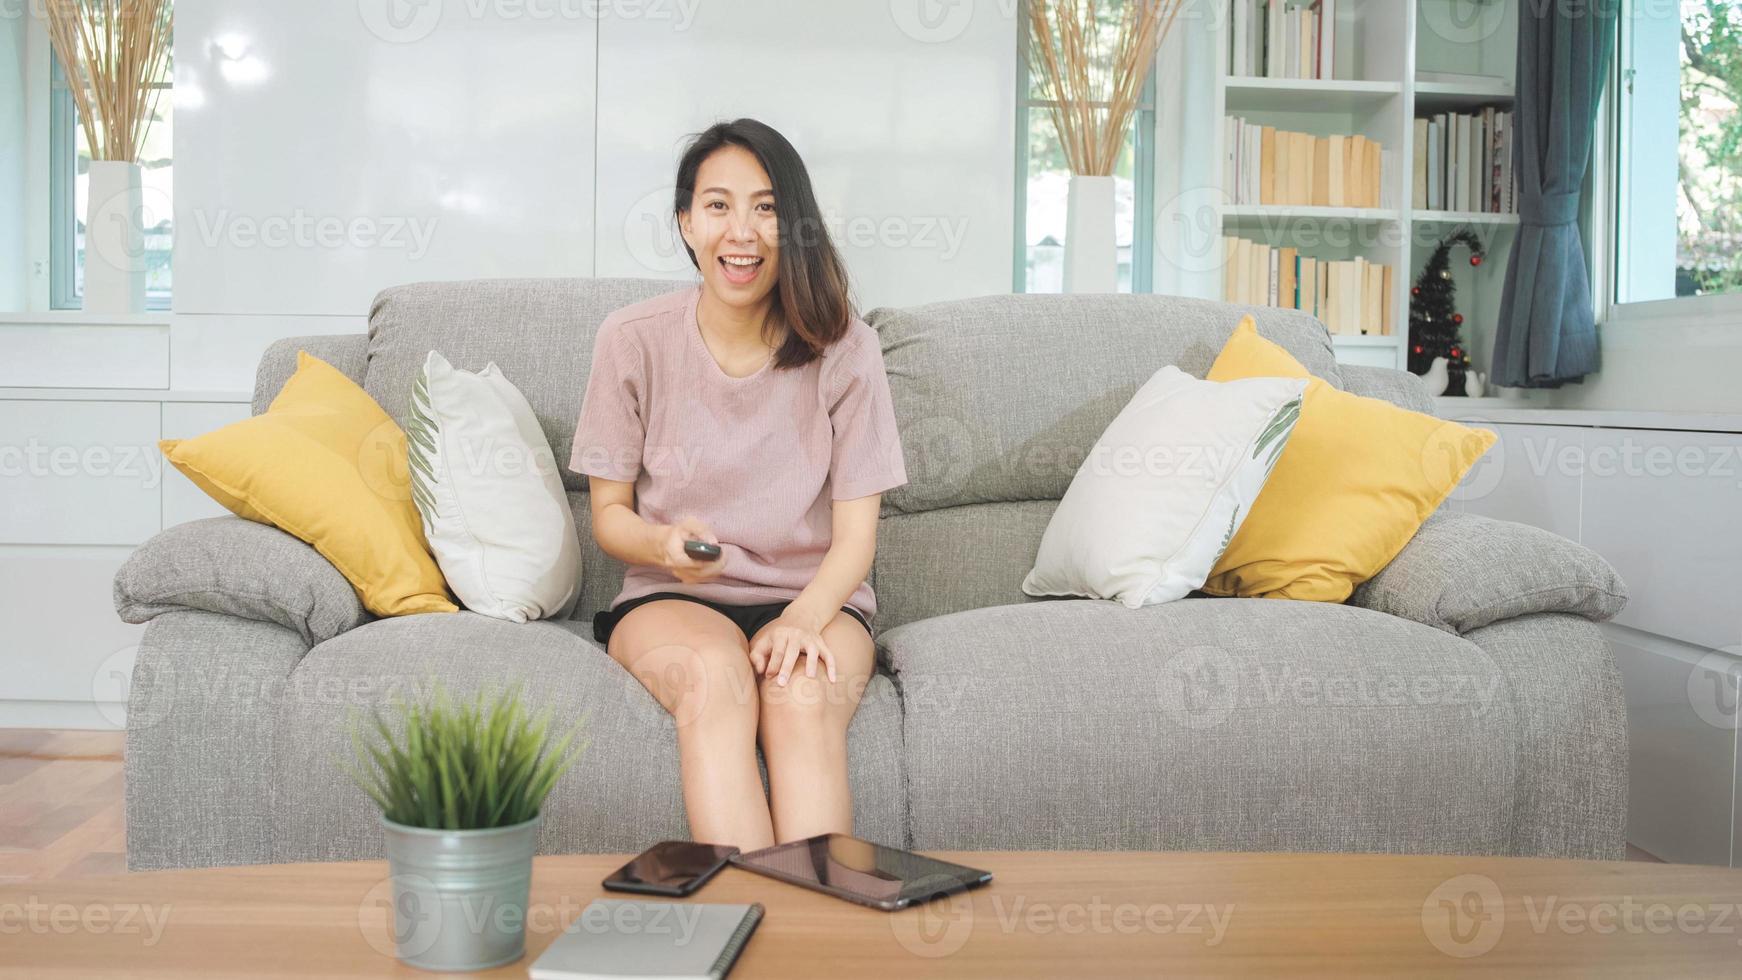 Joven mujer asiática adolescente viendo la televisión en casa, mujer sintiéndose feliz acostado en el sofá en la sala de estar. mujer de estilo de vida relajarse por la mañana en el concepto de hogar. foto